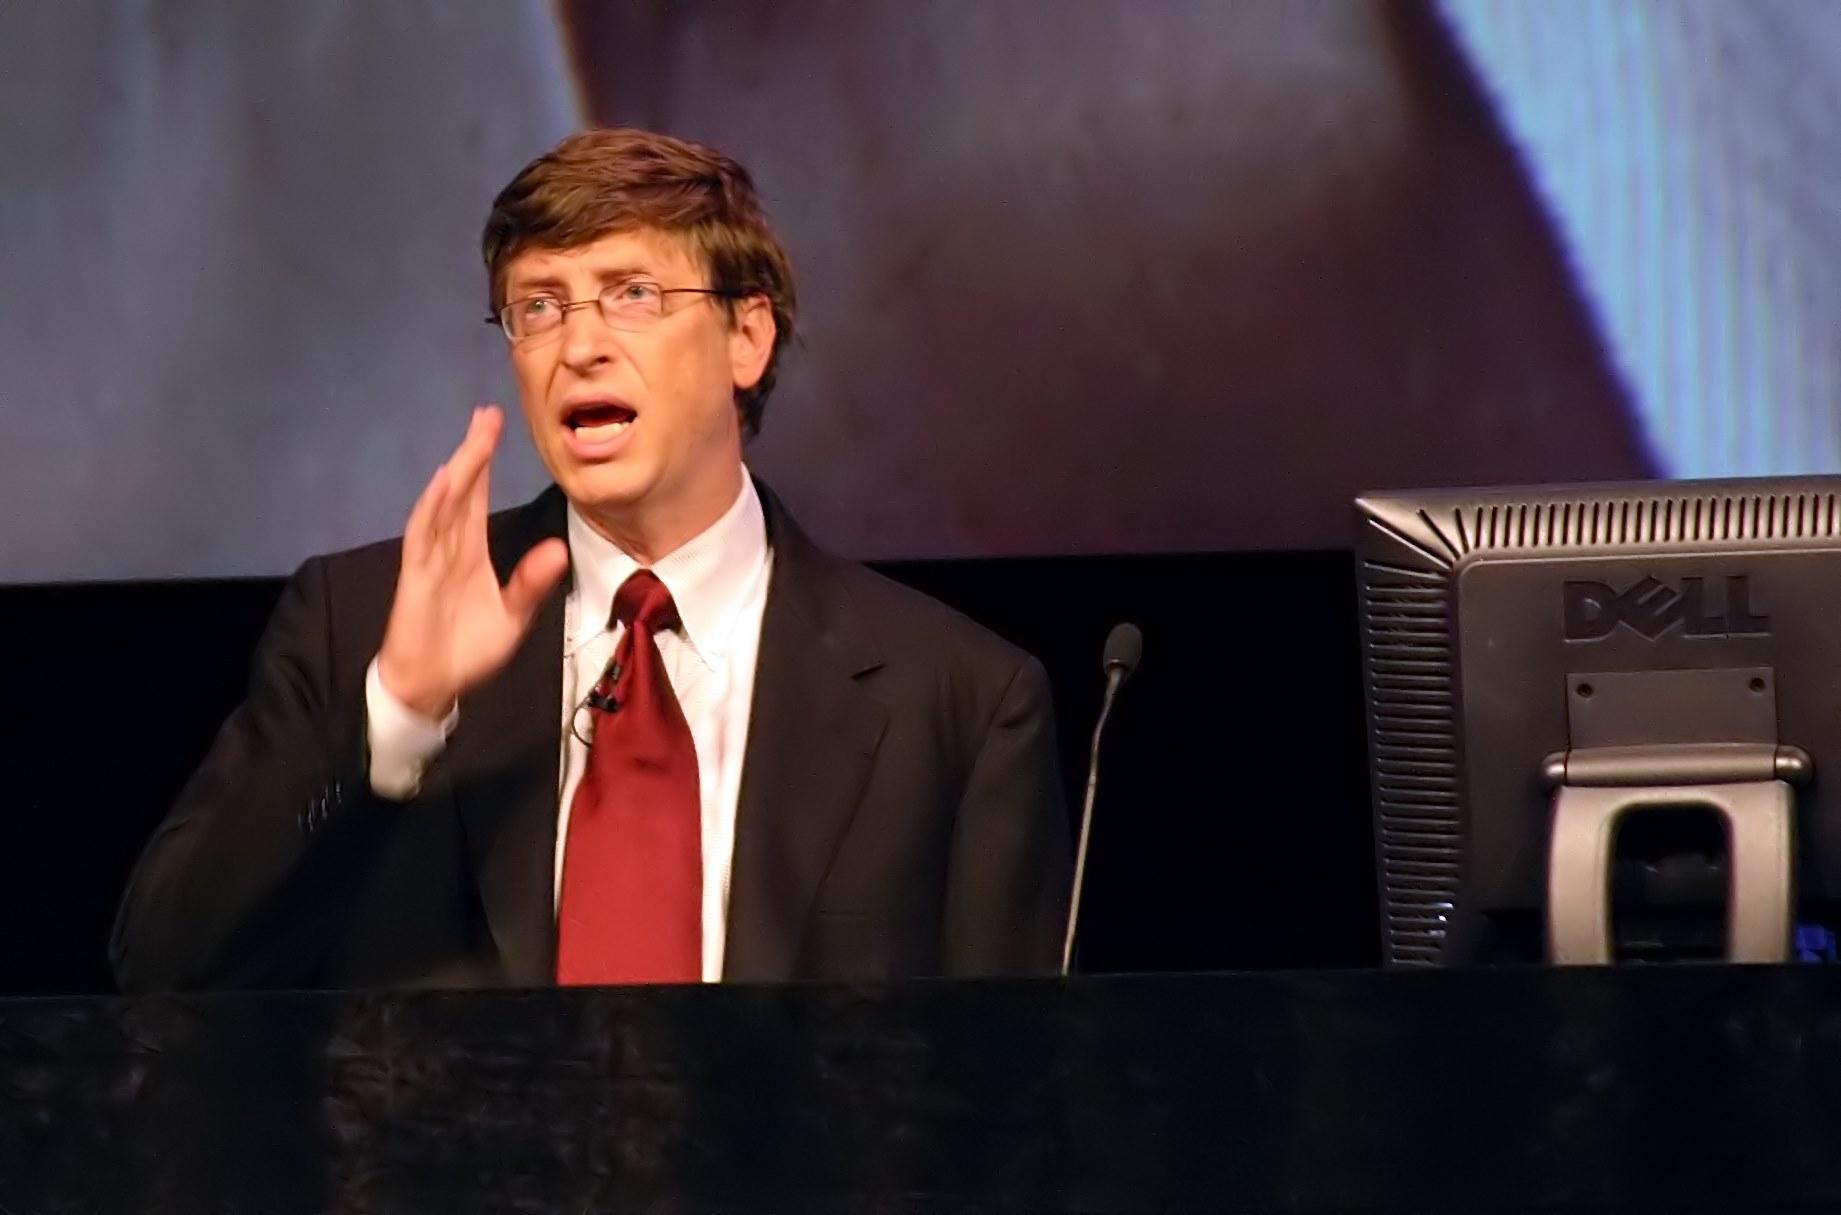 28 de Outubro - Bill Gates, empresário estadunidense, fundador da Microsoft, em 2004.jpg (Moderado)